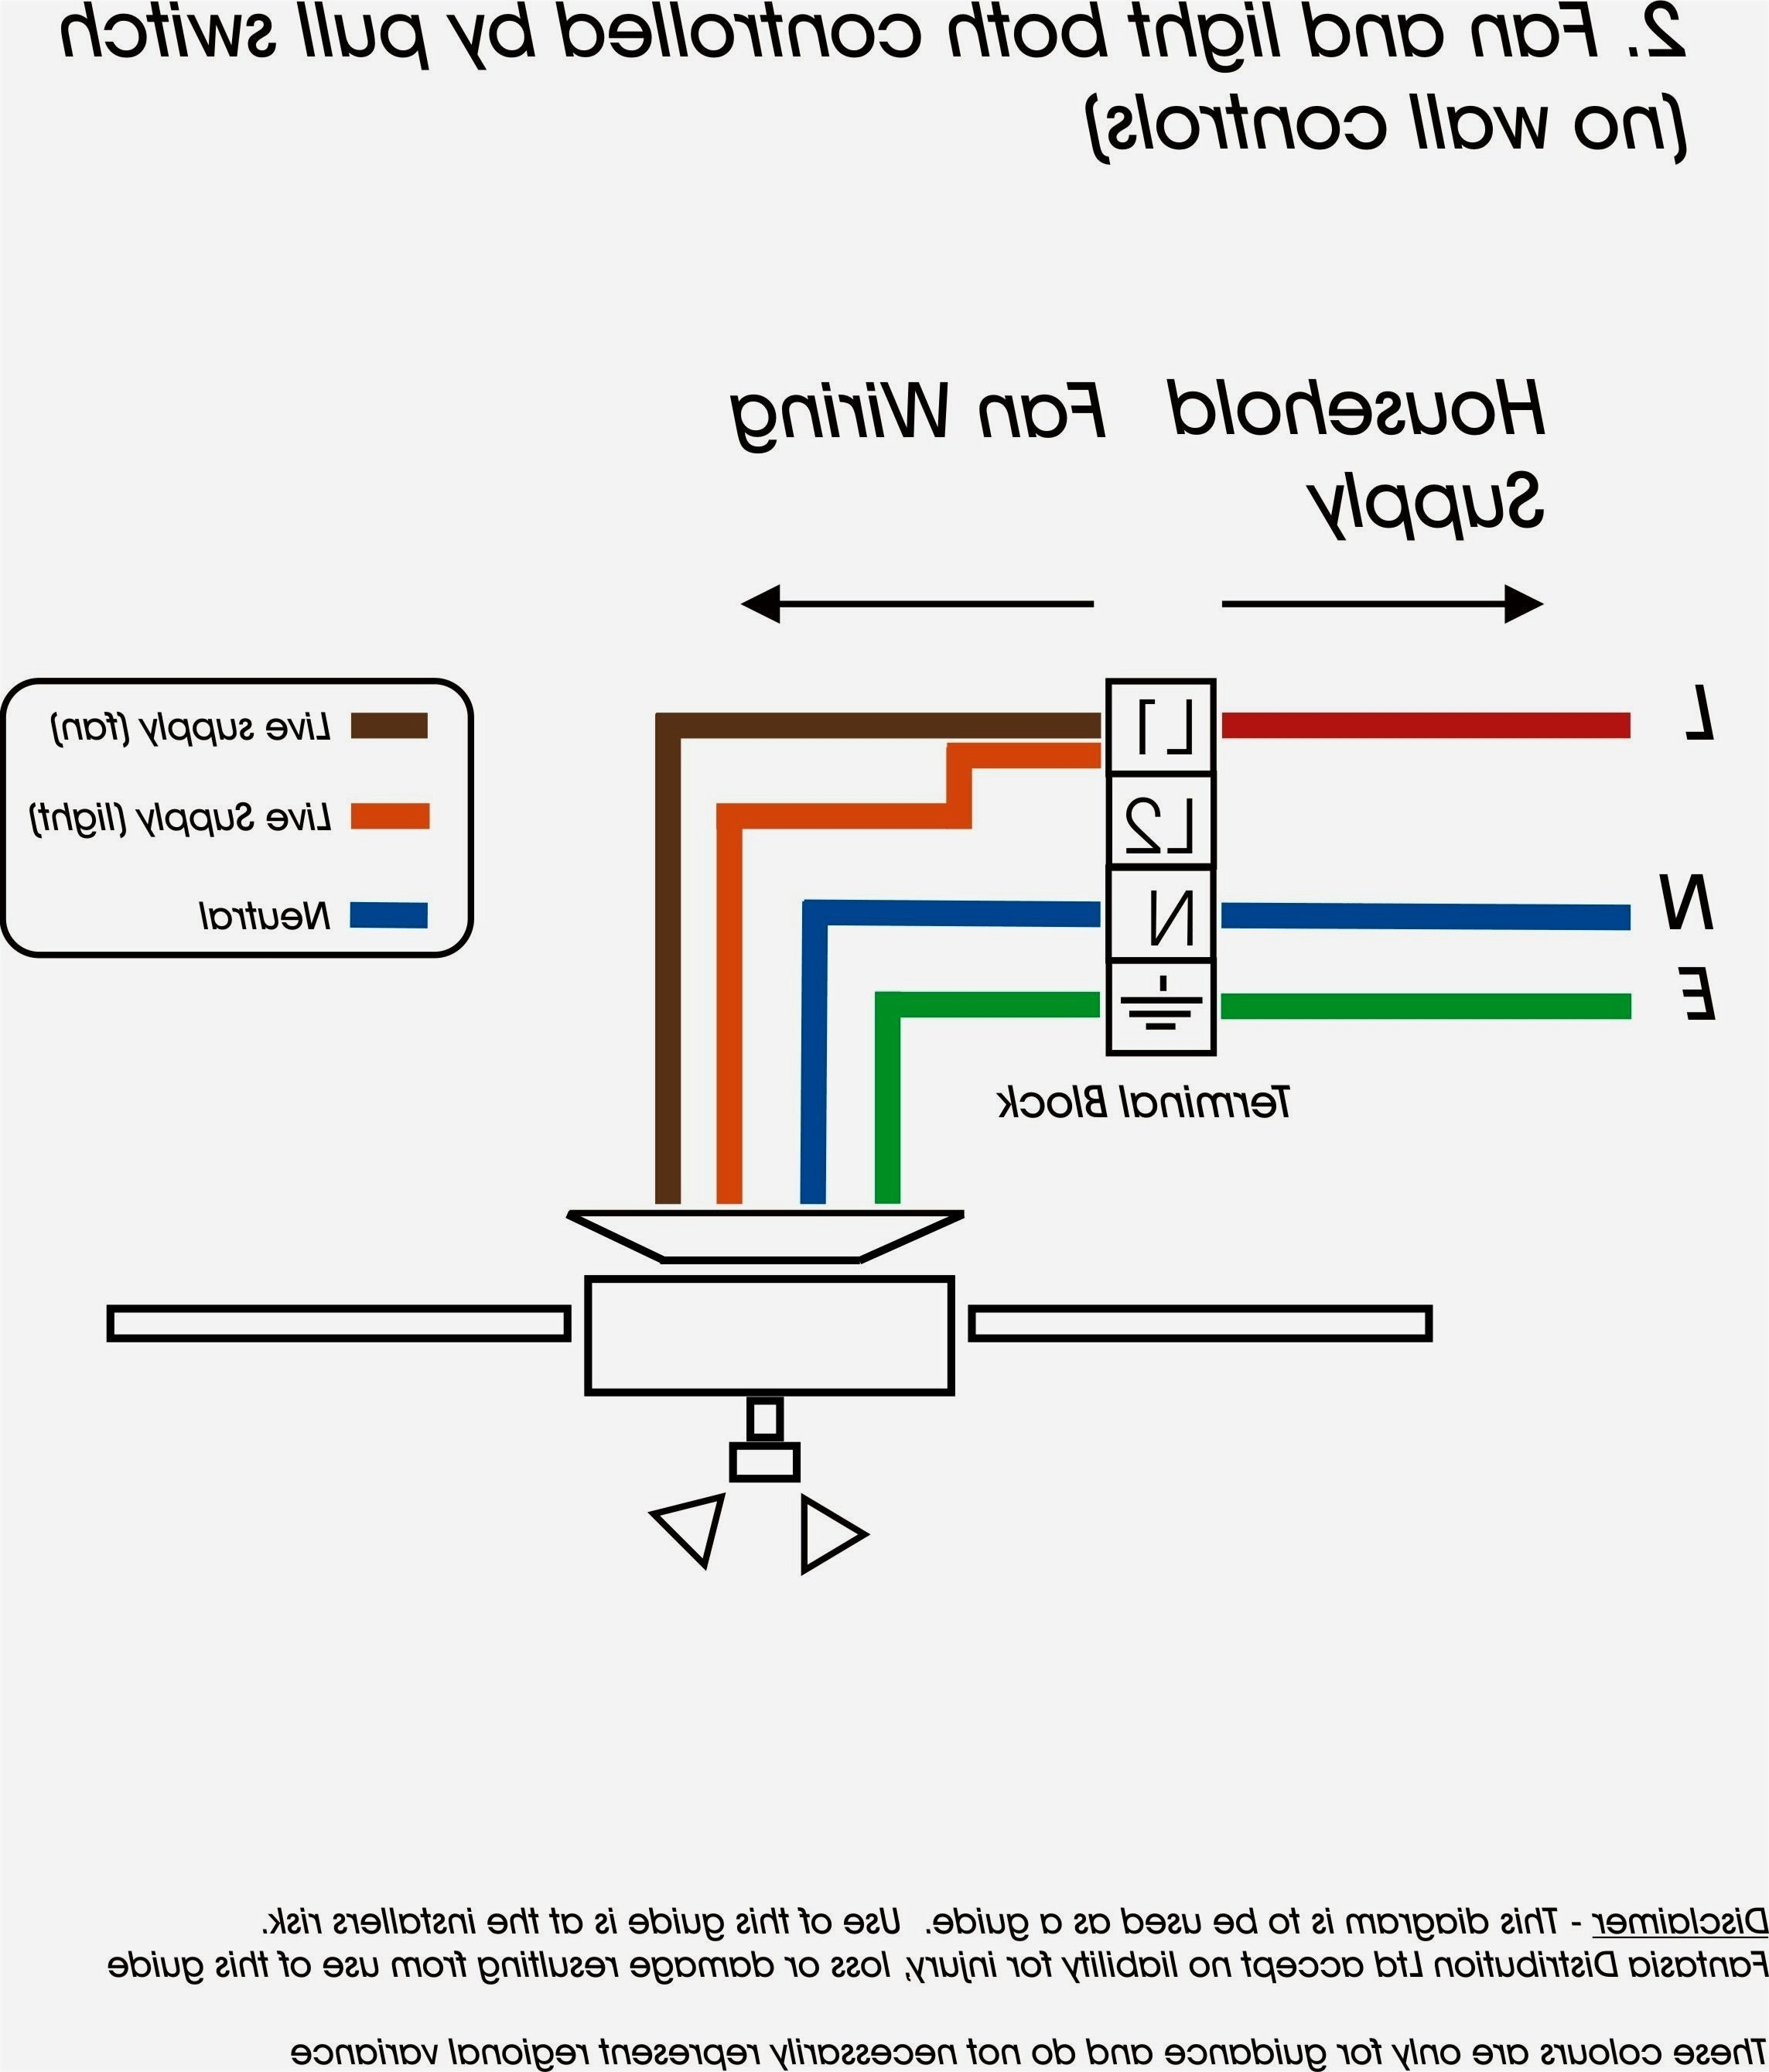 Ceiling Fan Wall Switch Wiring Diagram Hallway Light Switch Wiring Diagram New Ceiling Fan Single with Of Ceiling Fan Wall Switch Wiring Diagram